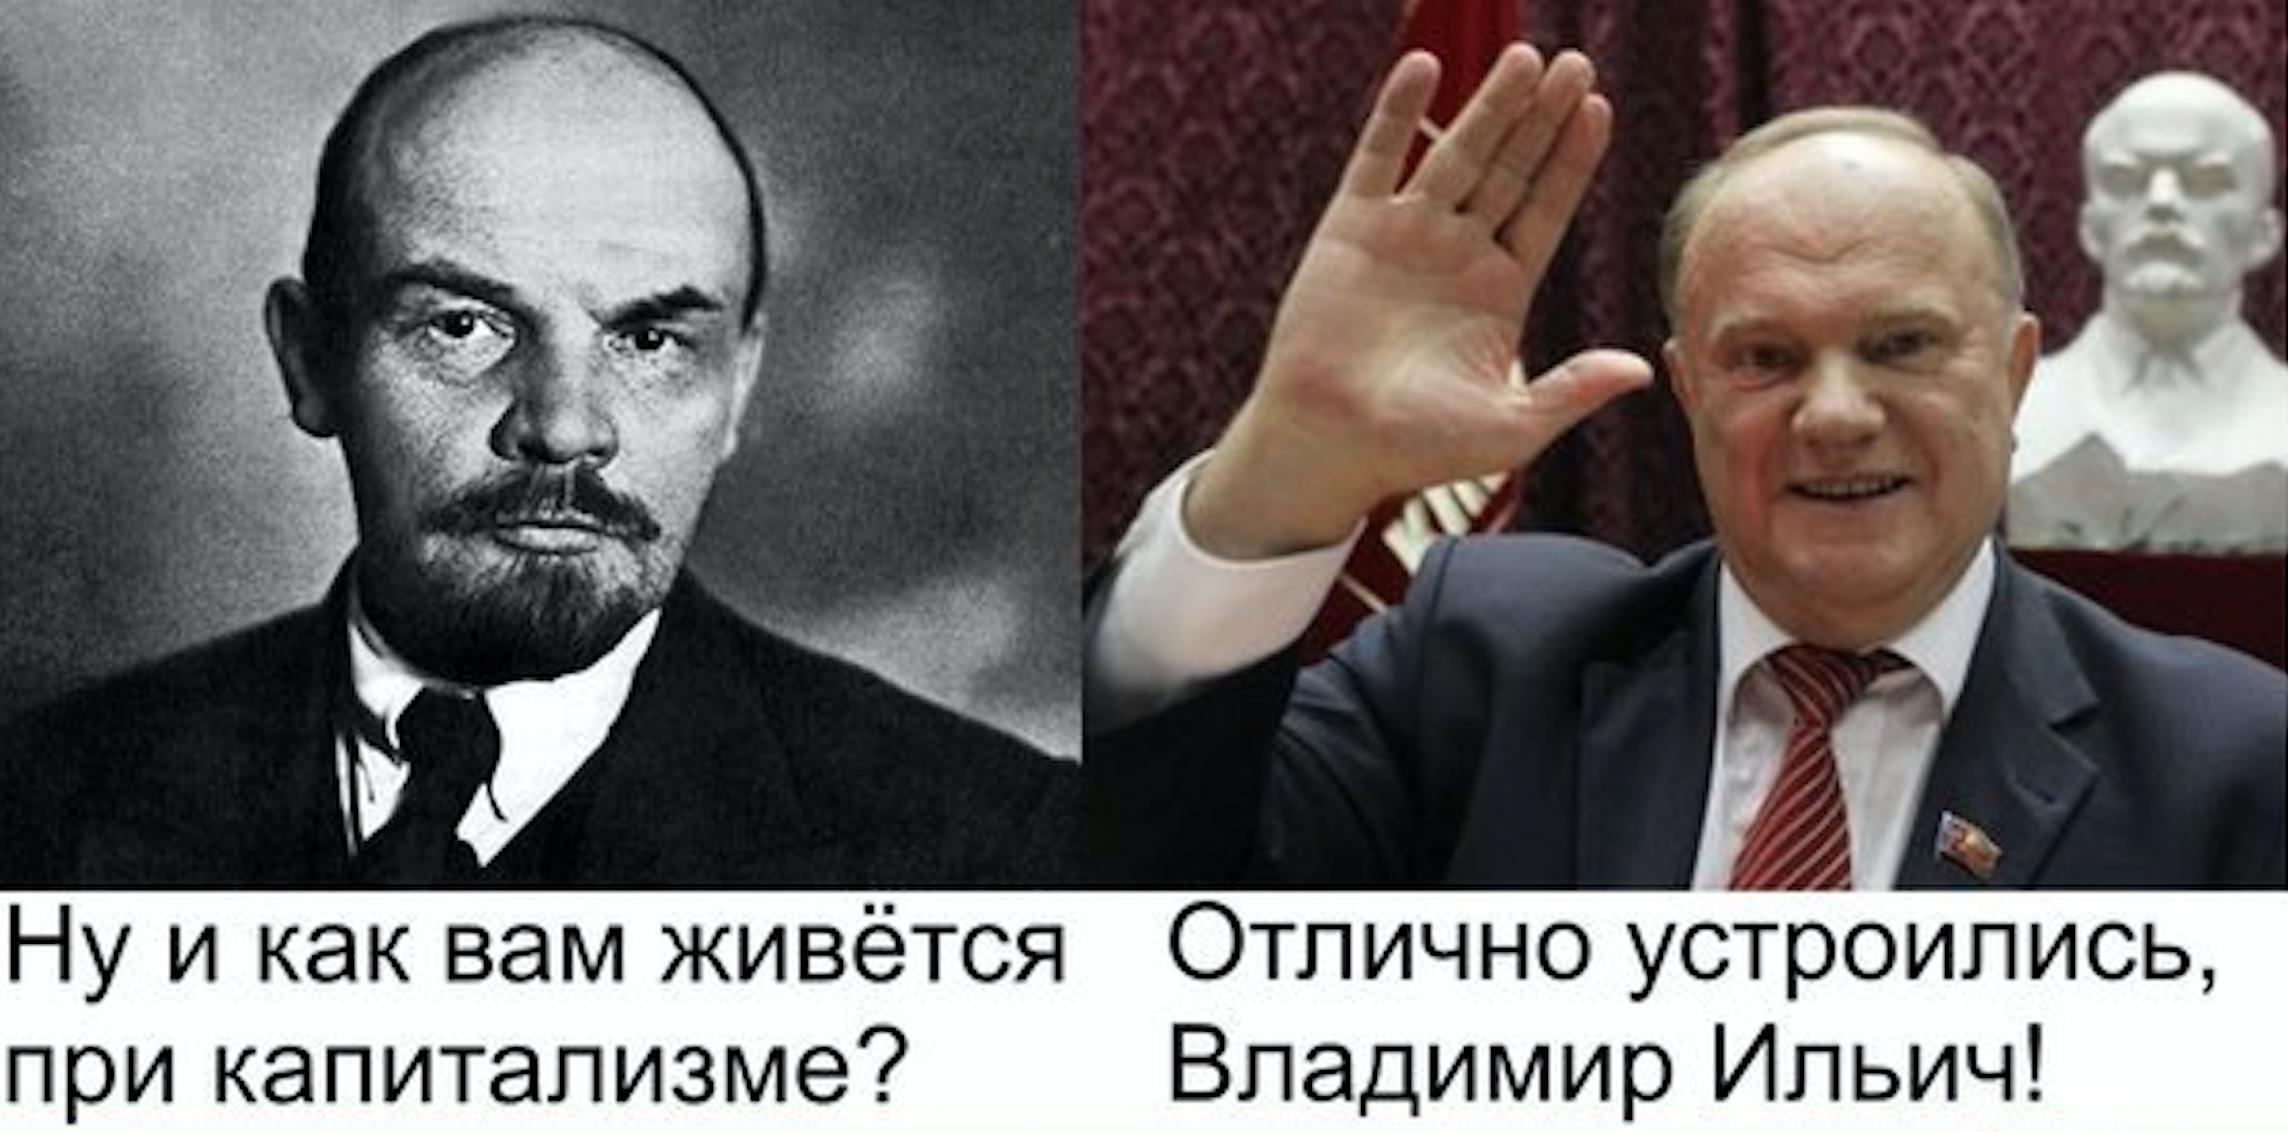 lenin-i-zyuganov